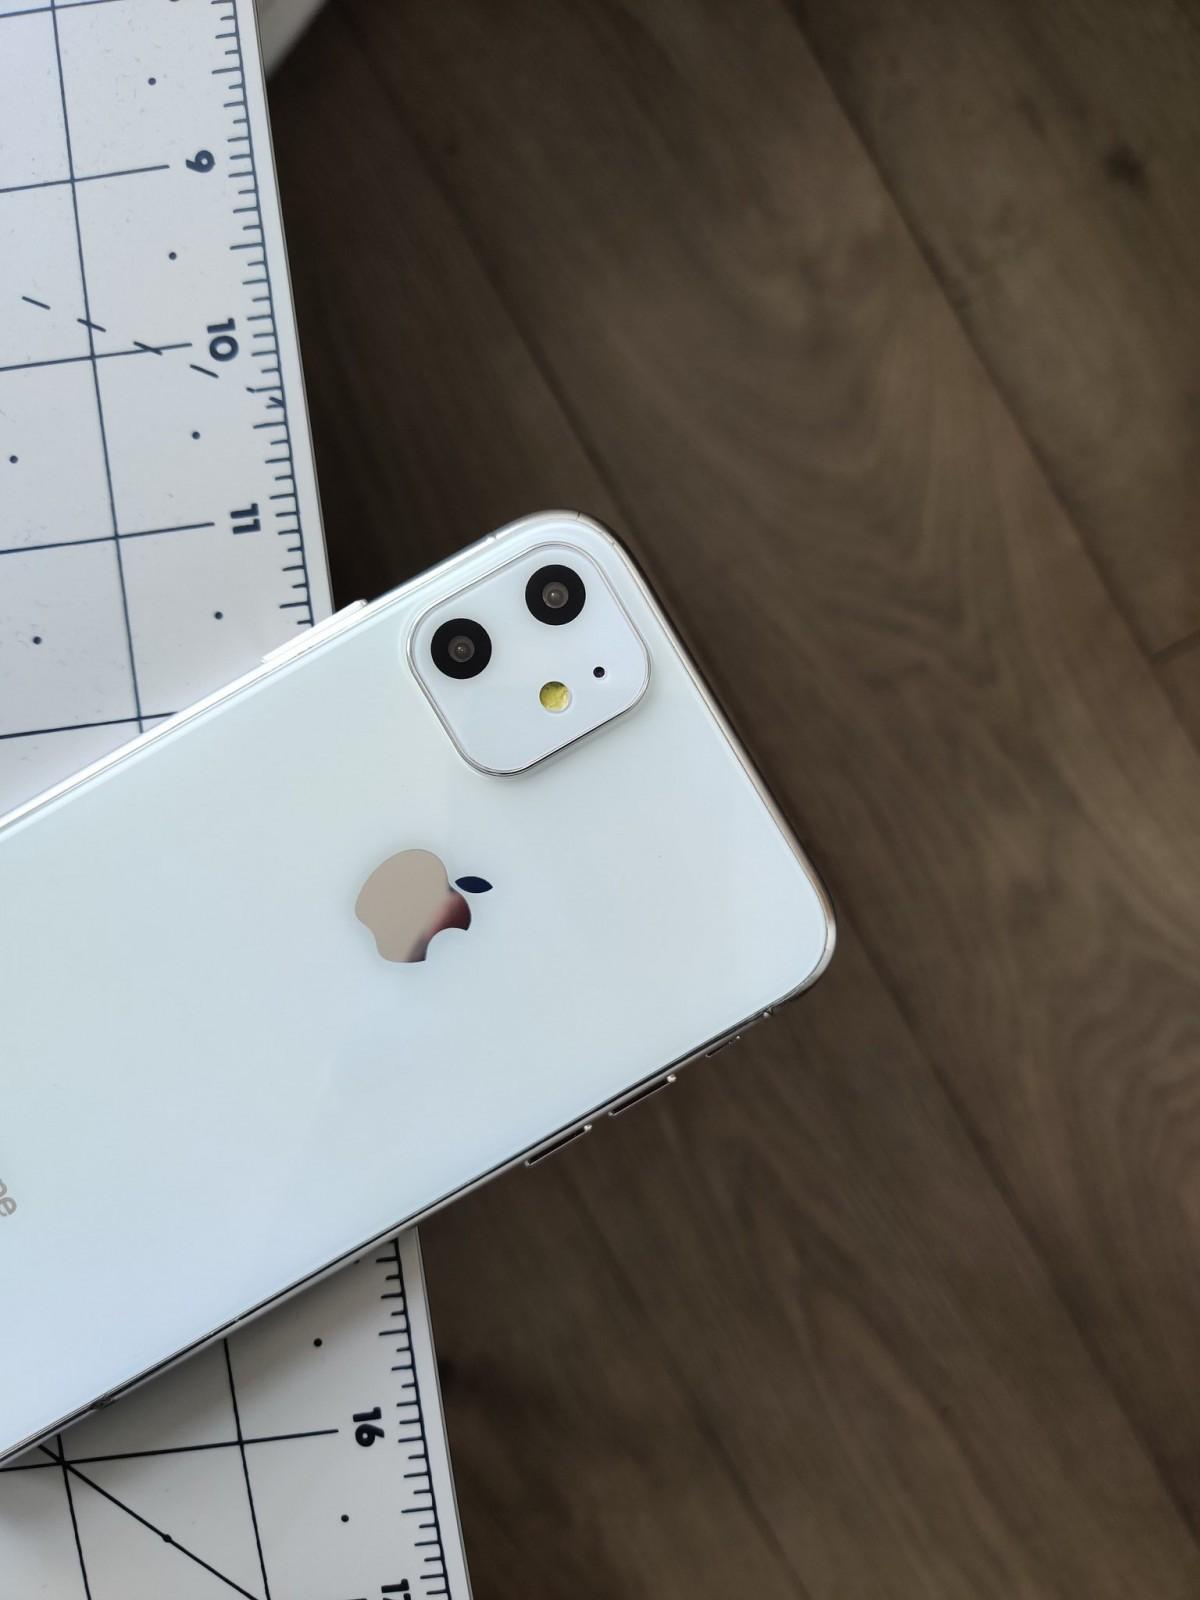 Geskin shows us a white iPhone XIR